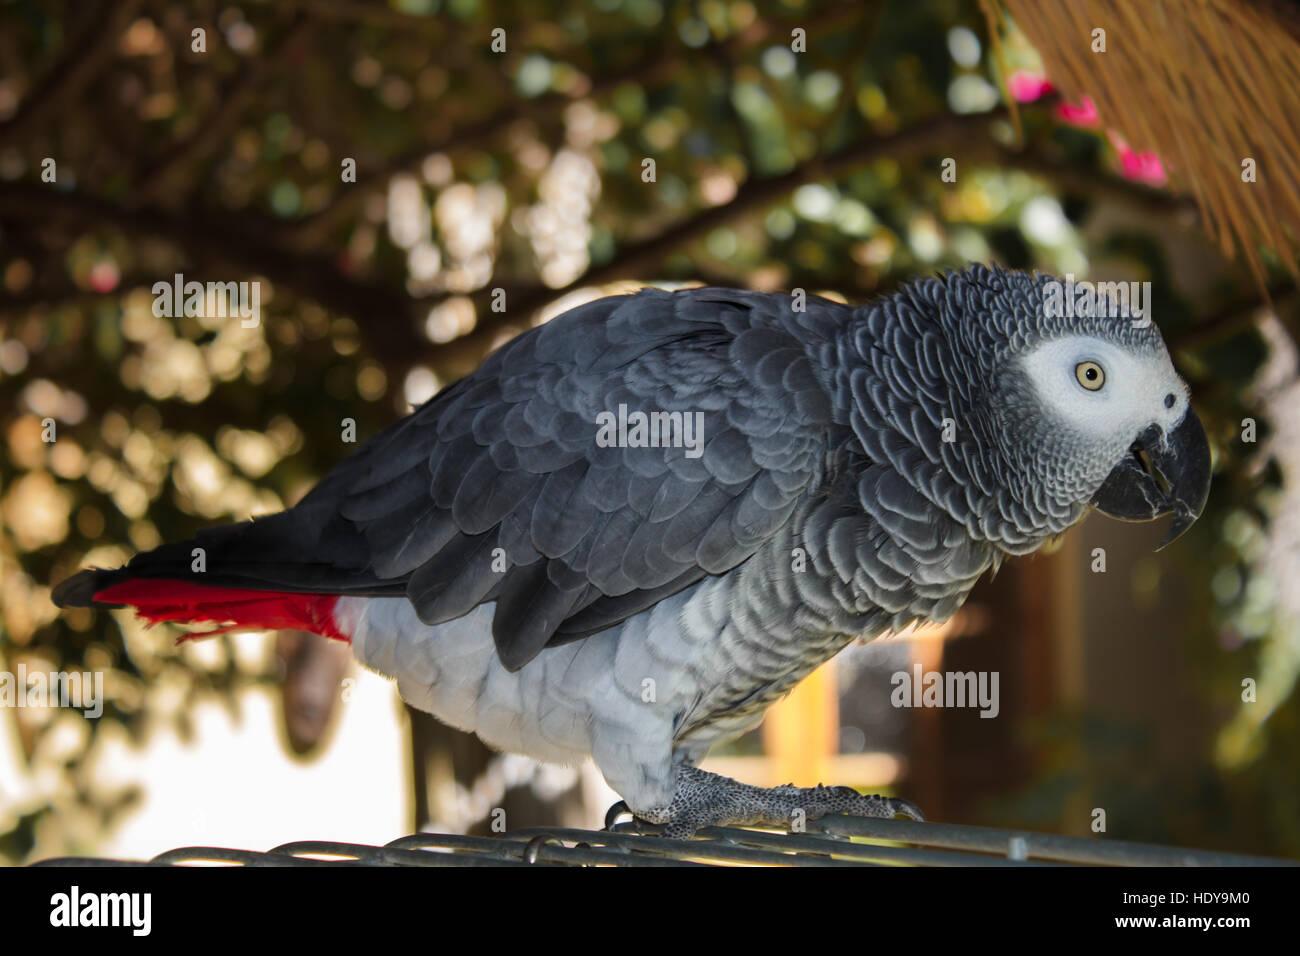 Real live pappagallo africano a casa accanto alla sua cella Immagini Stock